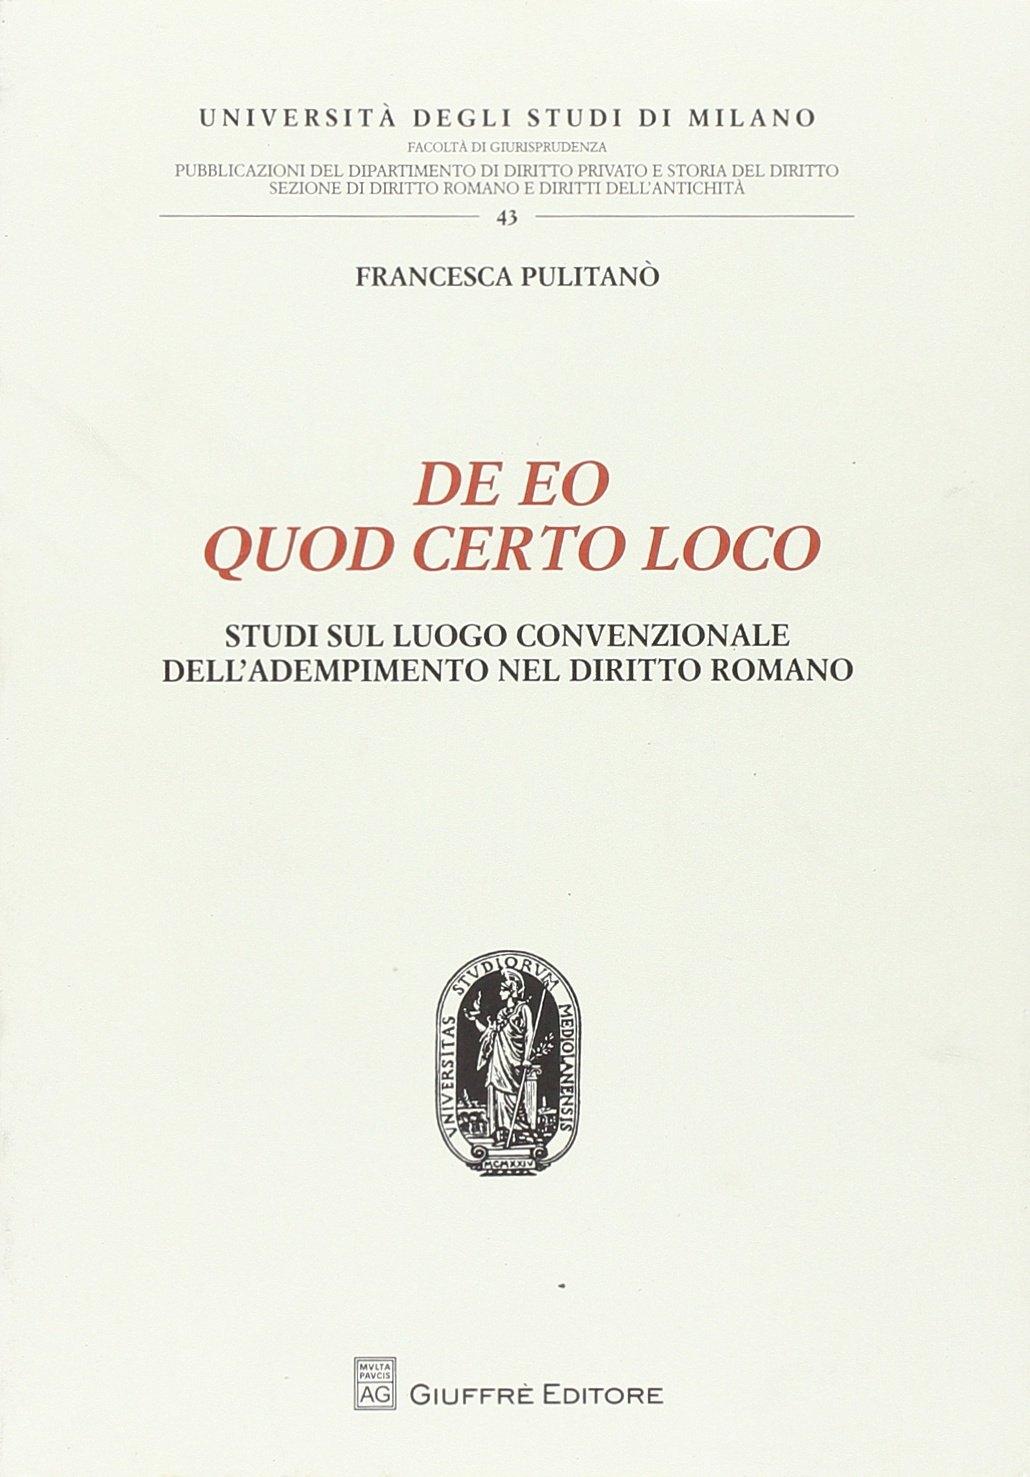 De eo quod certo loco. Studi sul luogo convenzionale dell'adempimento nel diritto romano